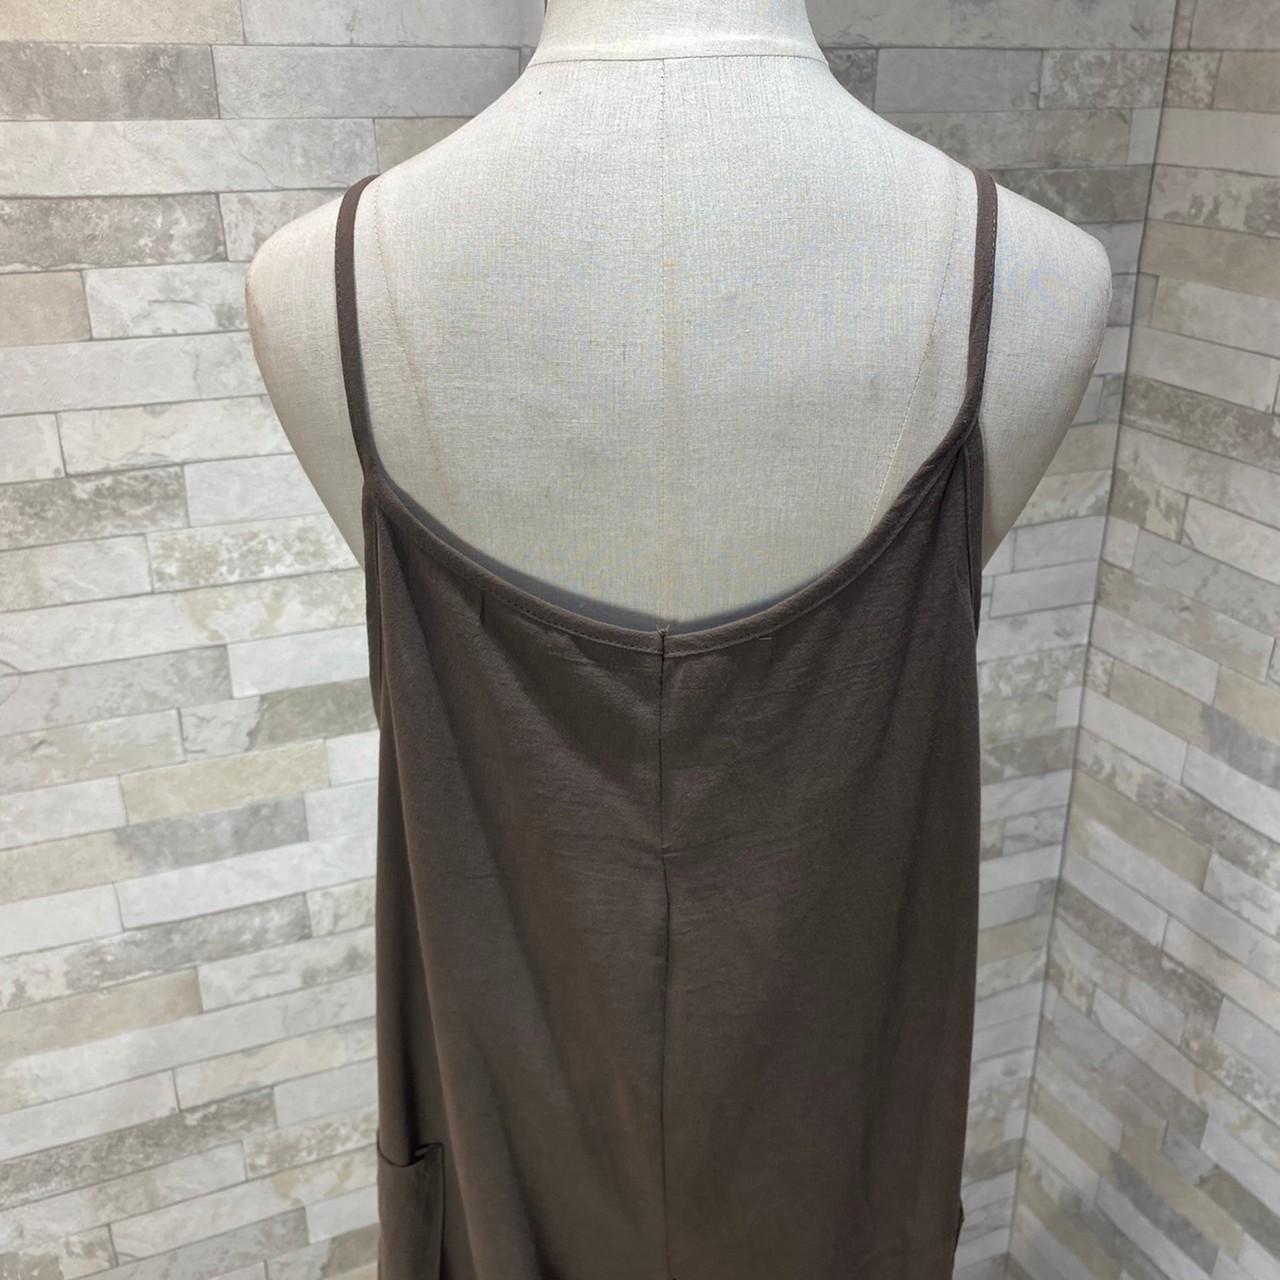 韓国 ファッション オールインワン オーバーオール 春 夏 秋 カジュアル PTXI712  コットンリネン風 ゆったり ラフ シンプル オルチャン シンプル 定番 セレカジの写真20枚目